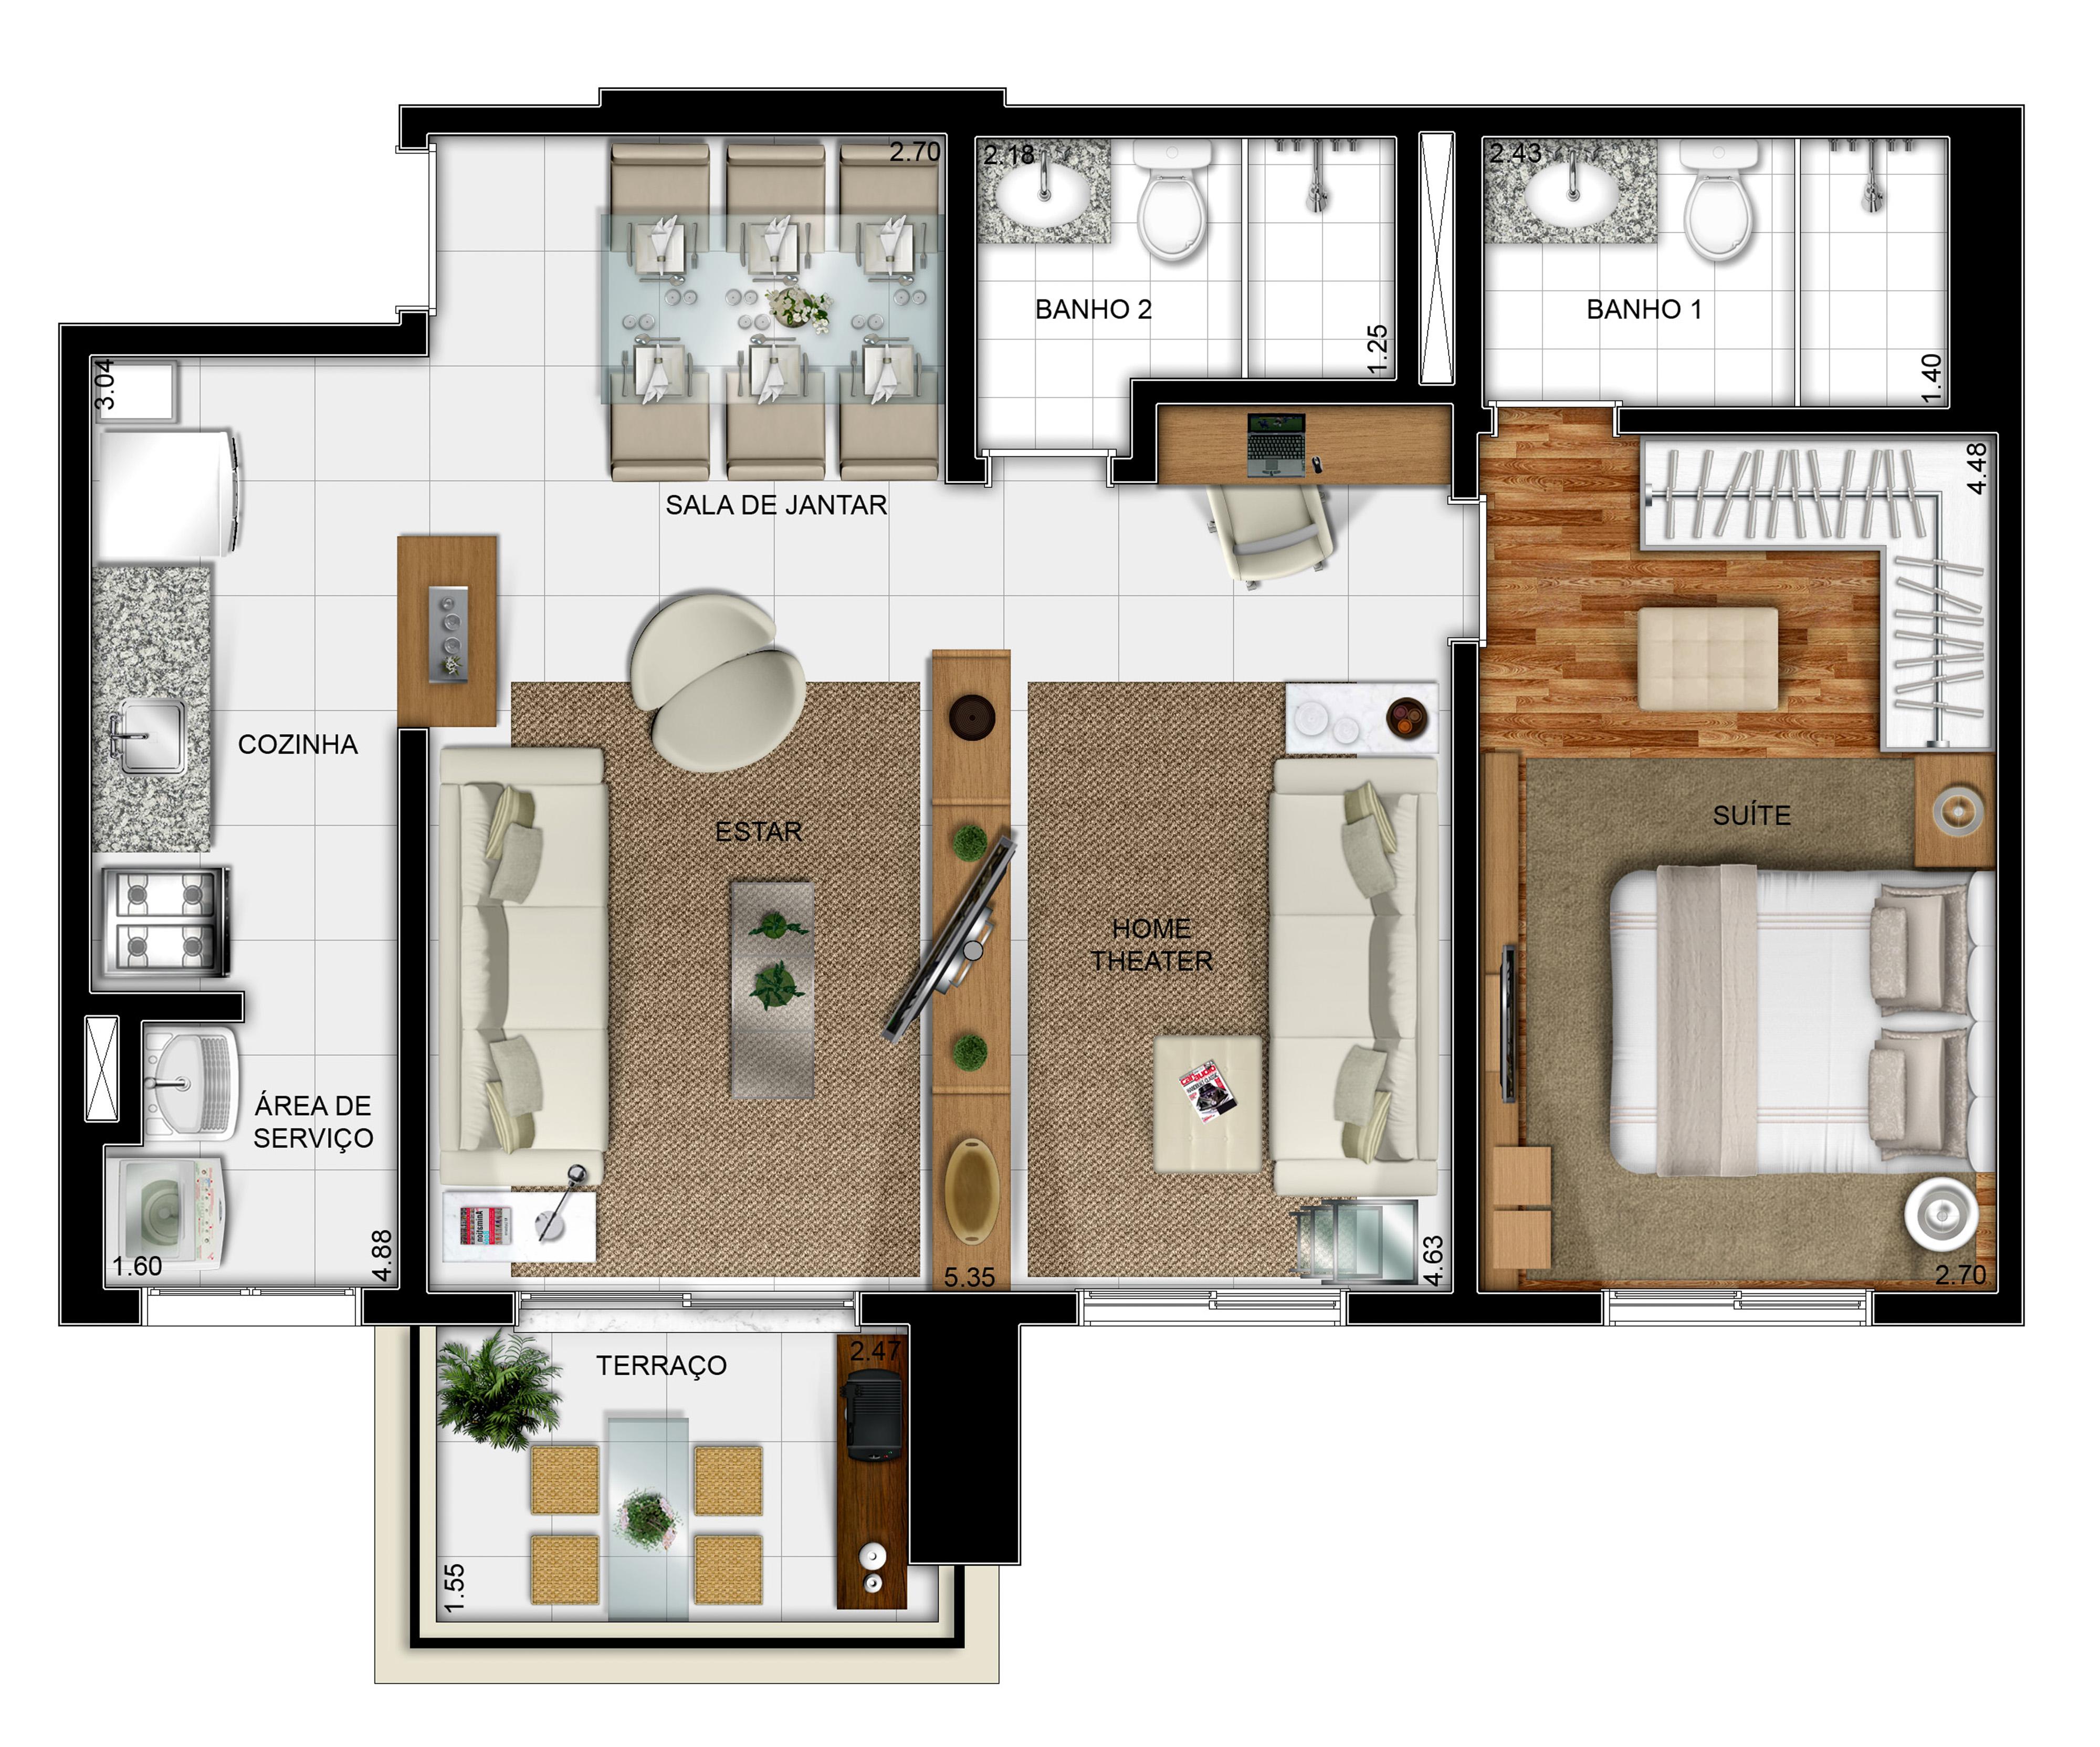 69 m² - 1 suíte - Opção com living ampliado